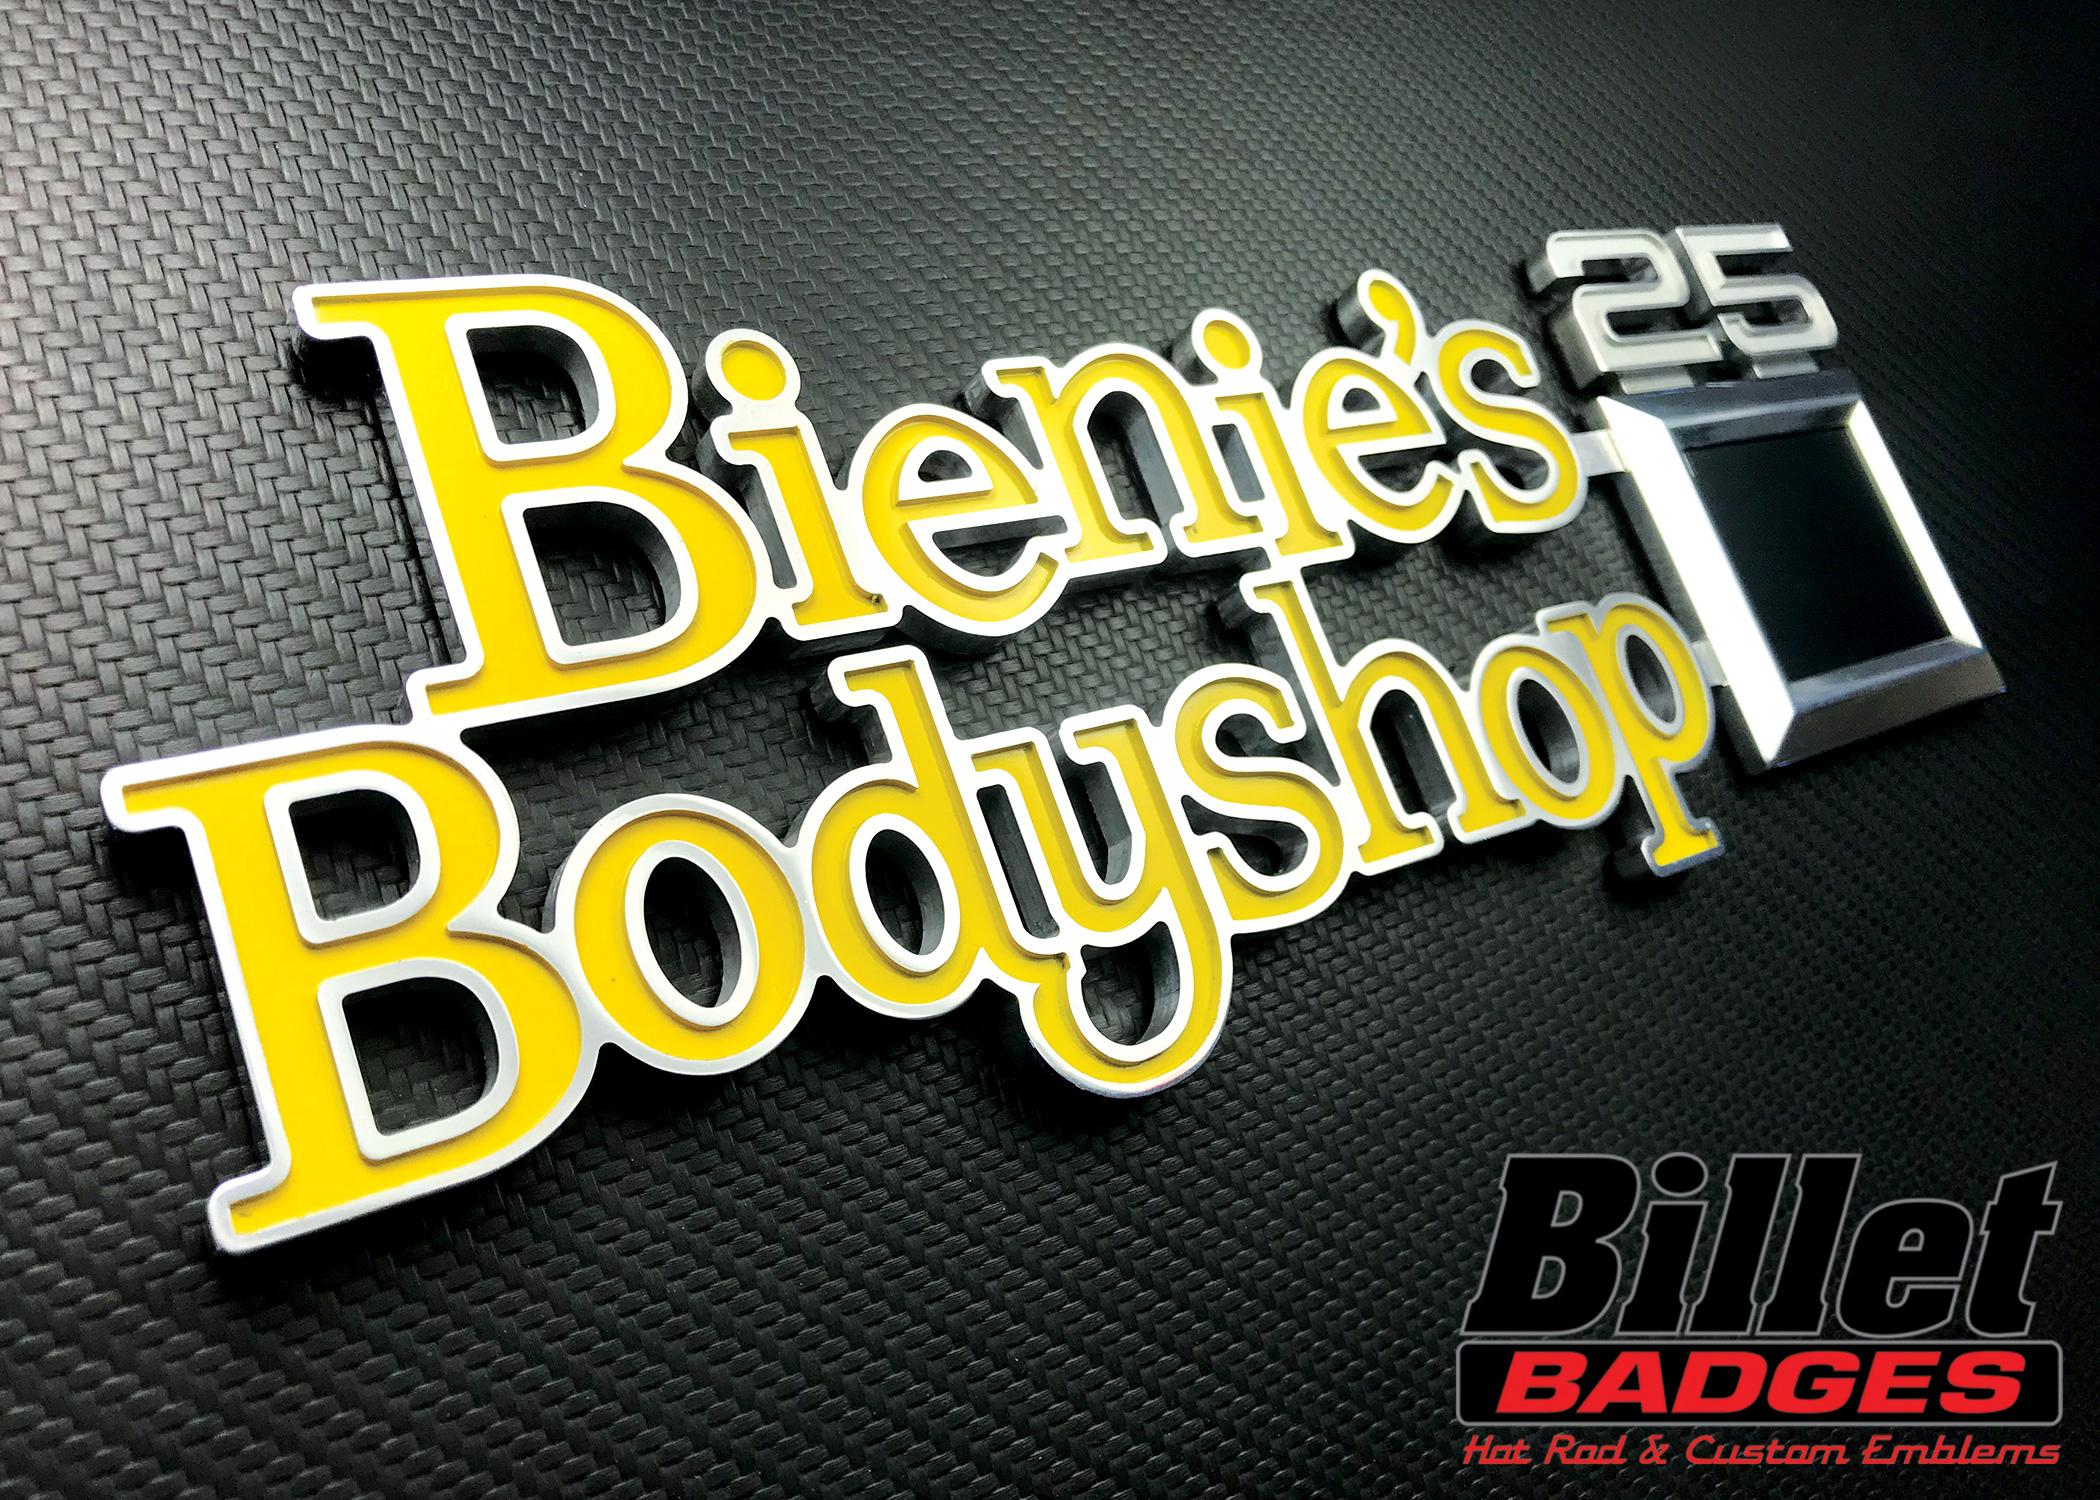 Bienie's Bodyshop